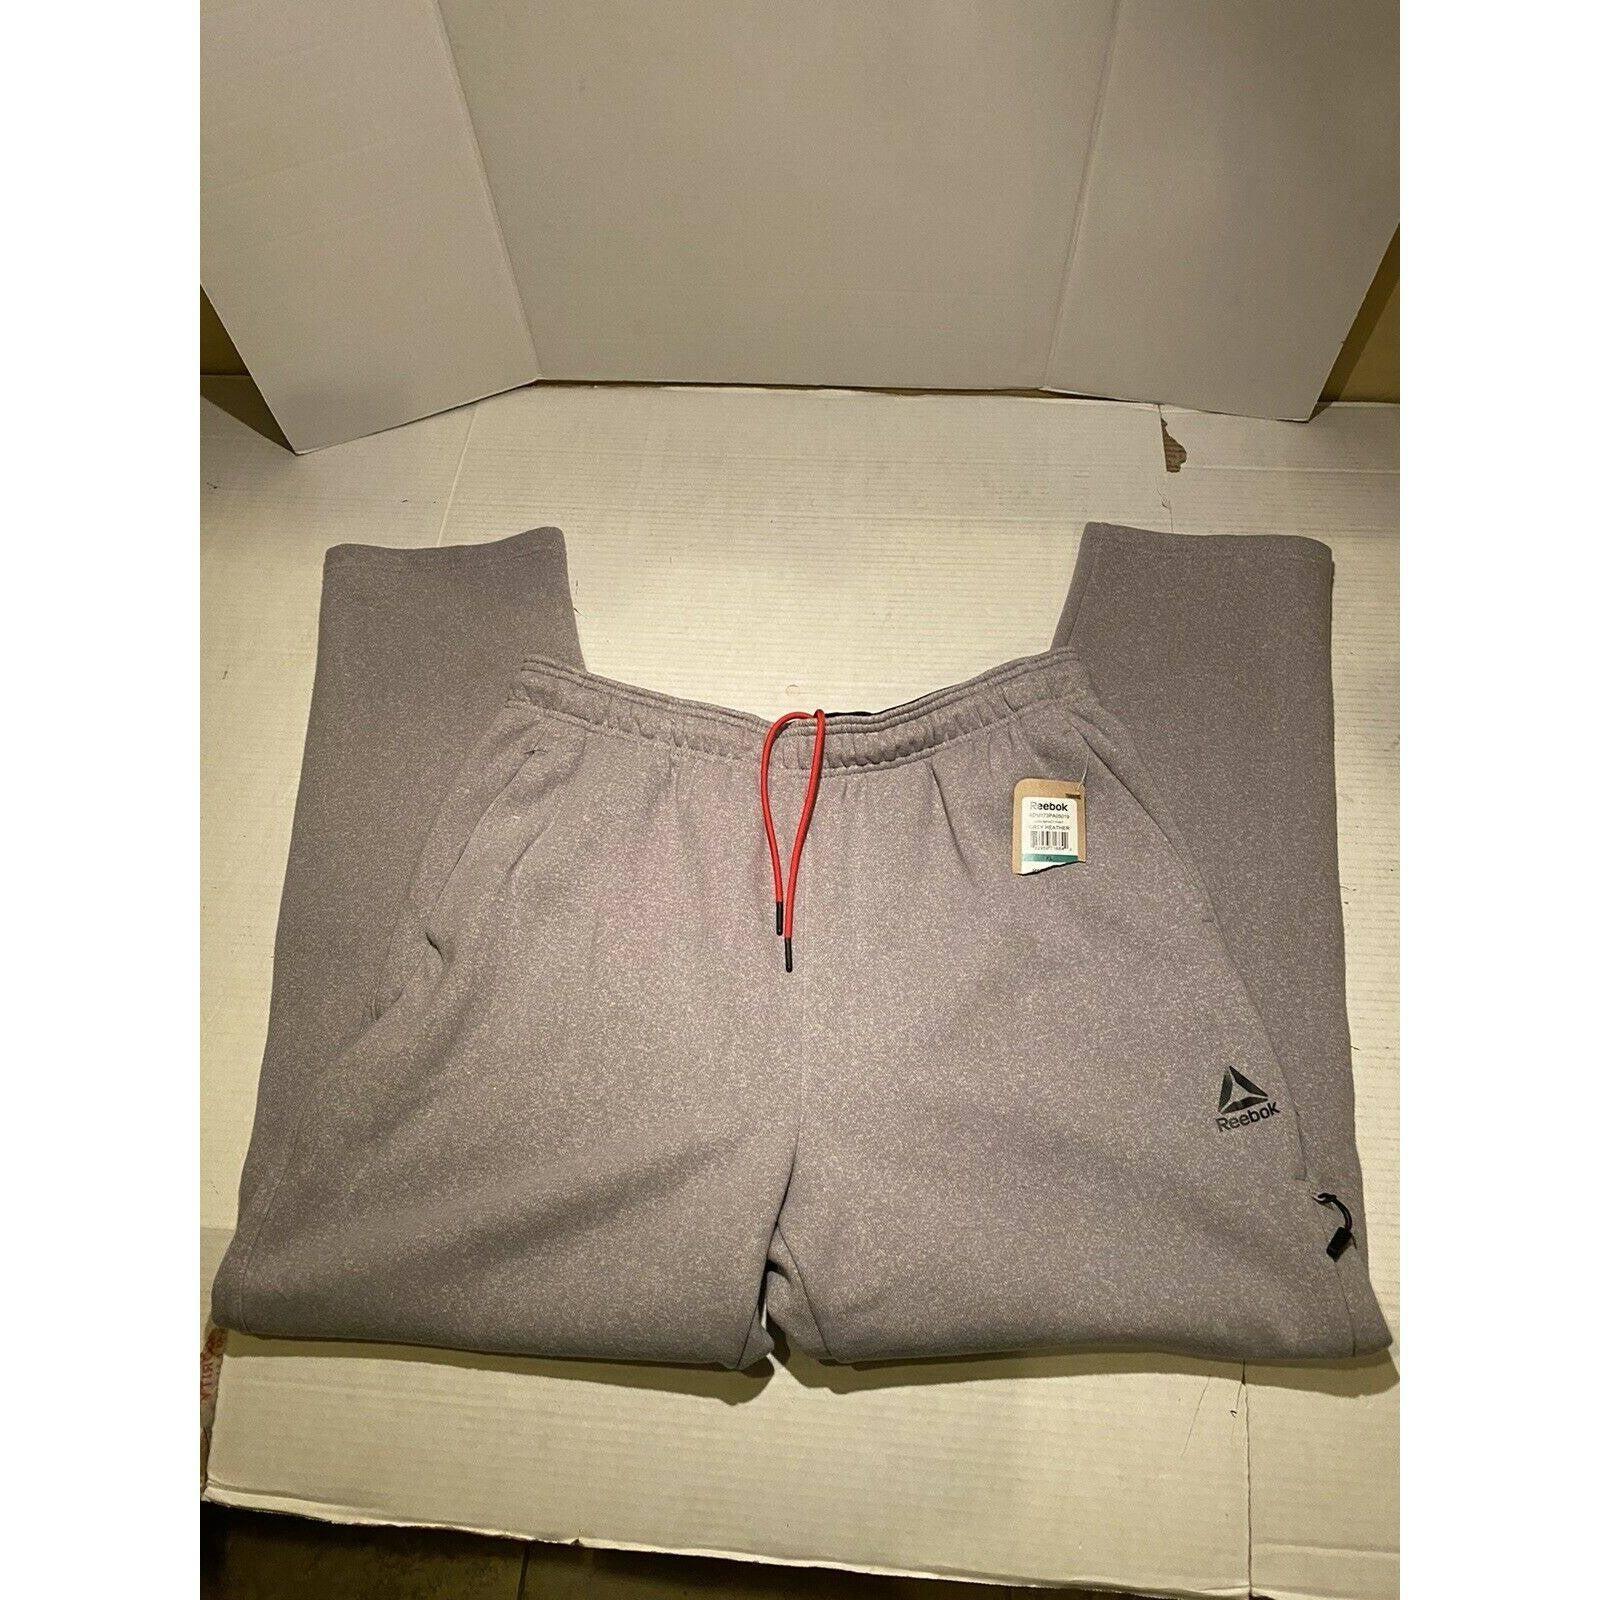 Reebok Joggers Grey Size XL NWT